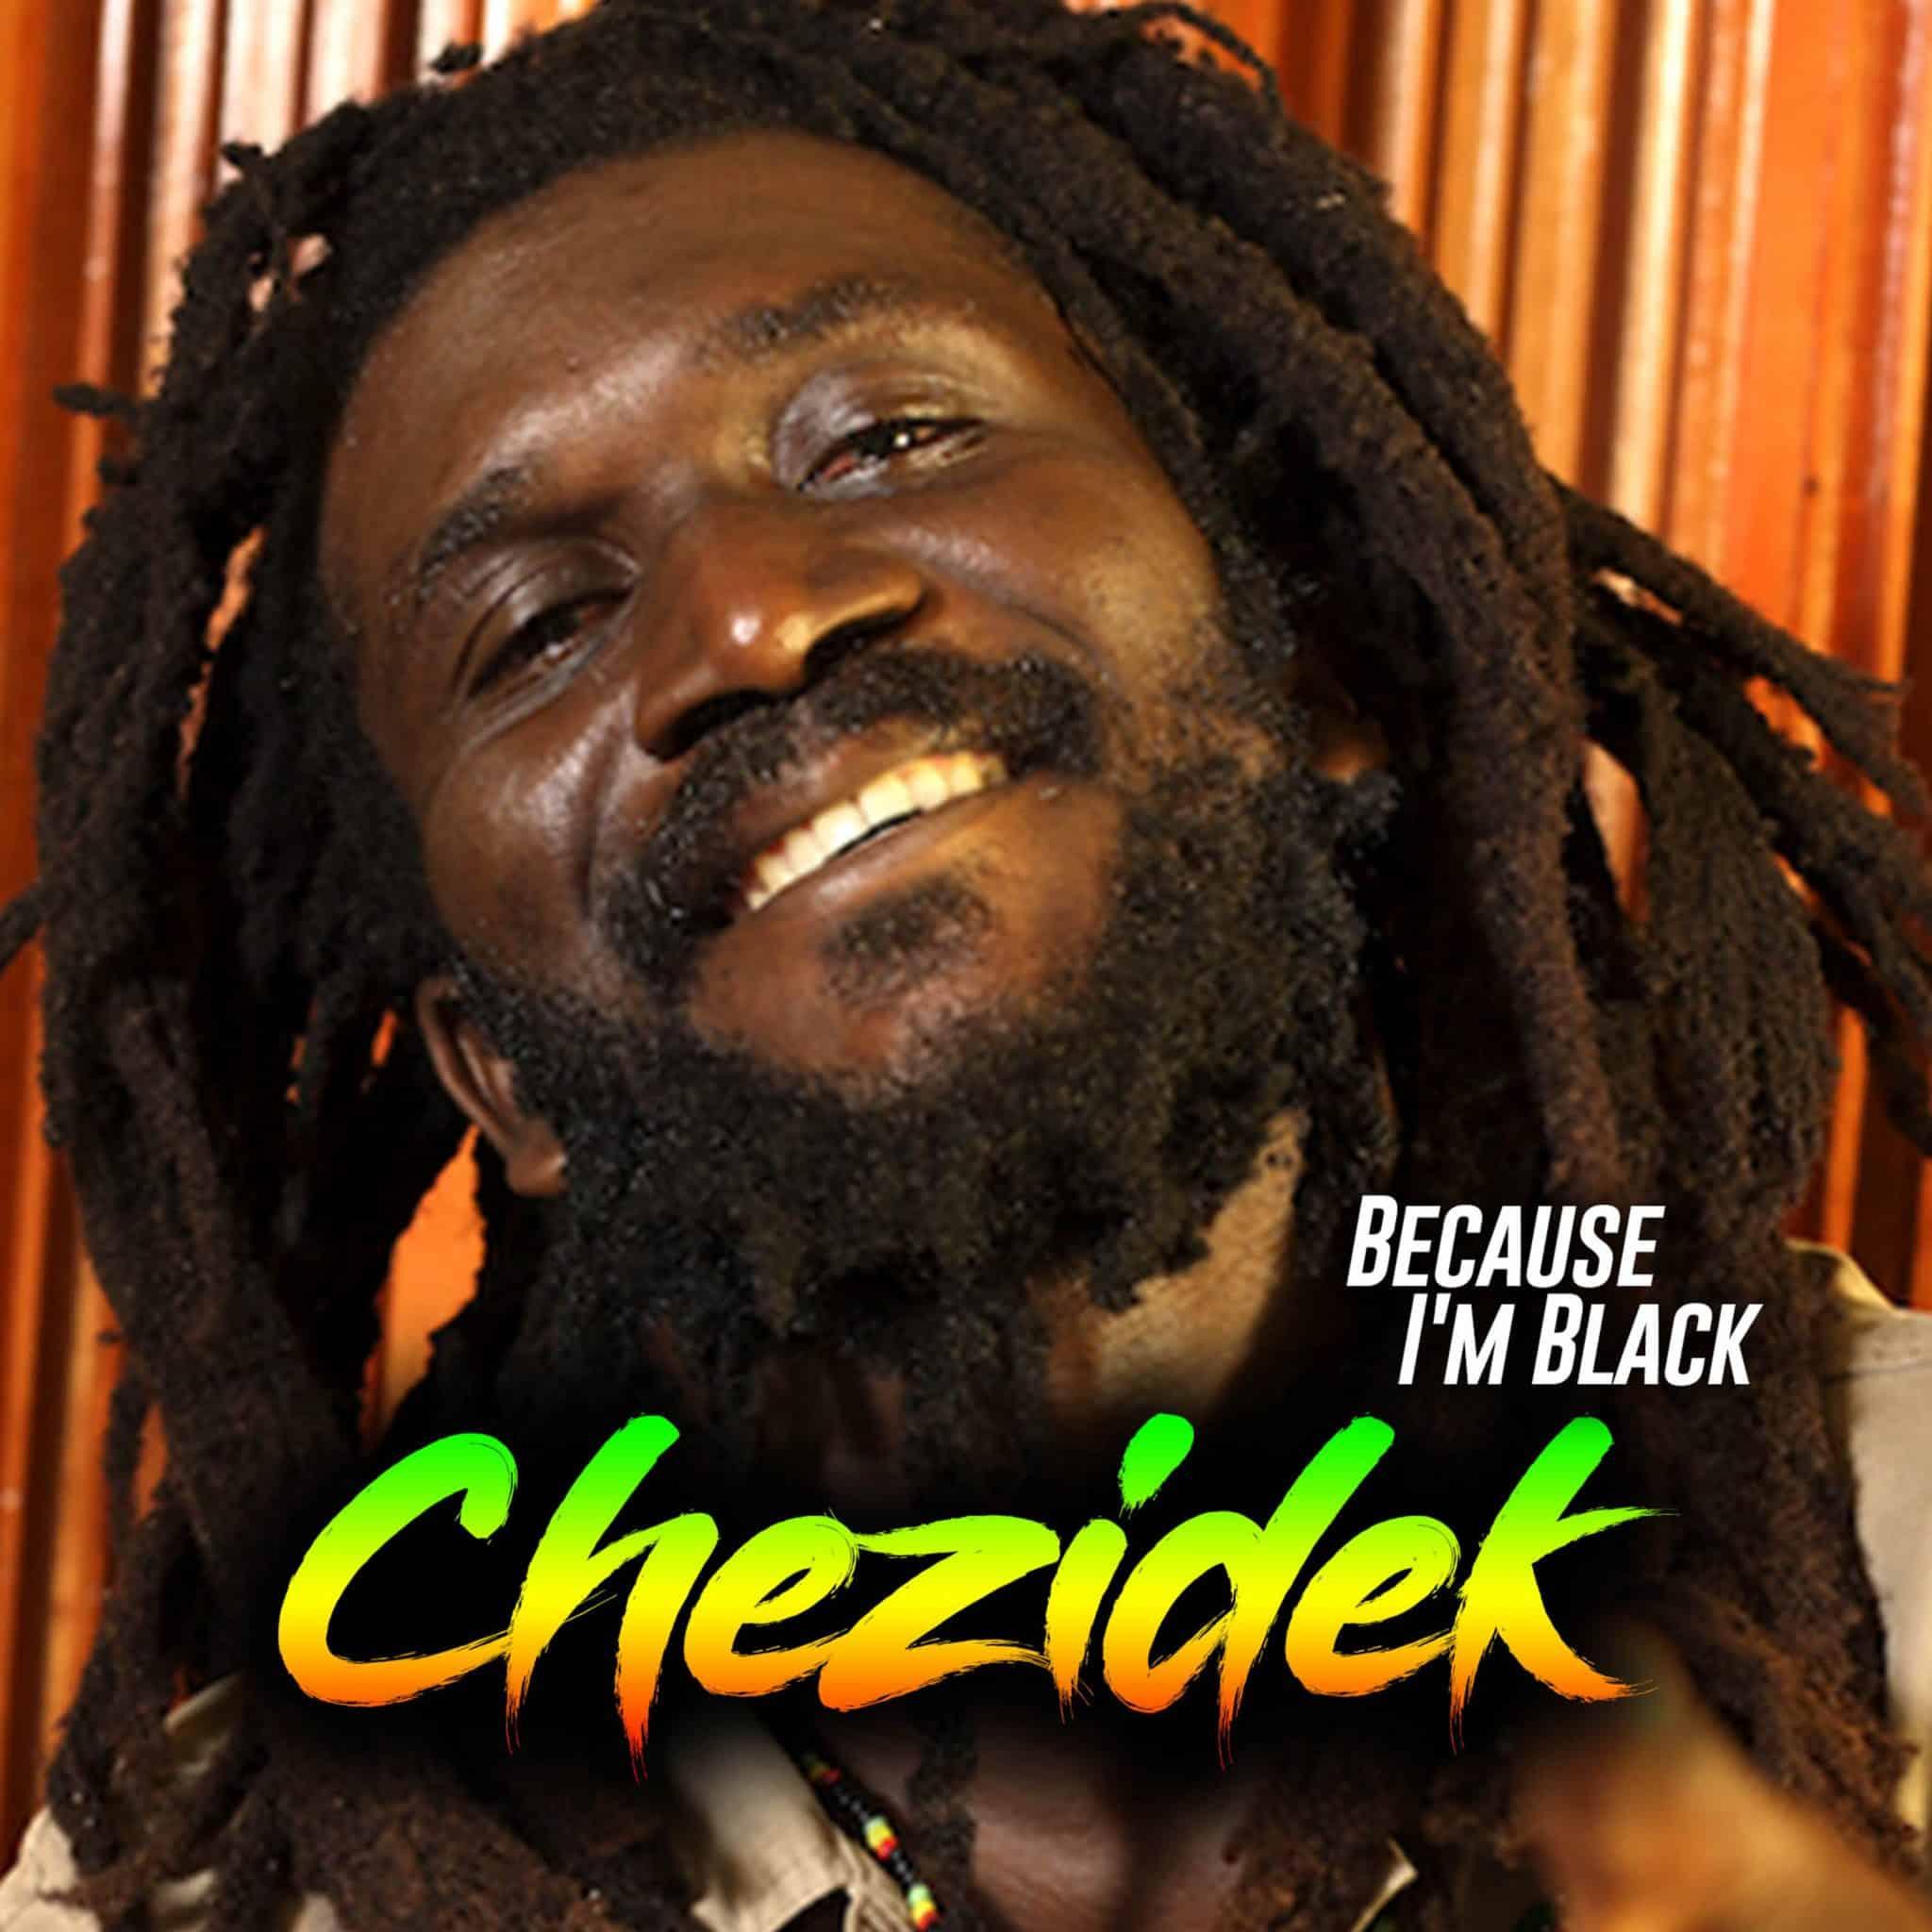 Chezidek - Because I